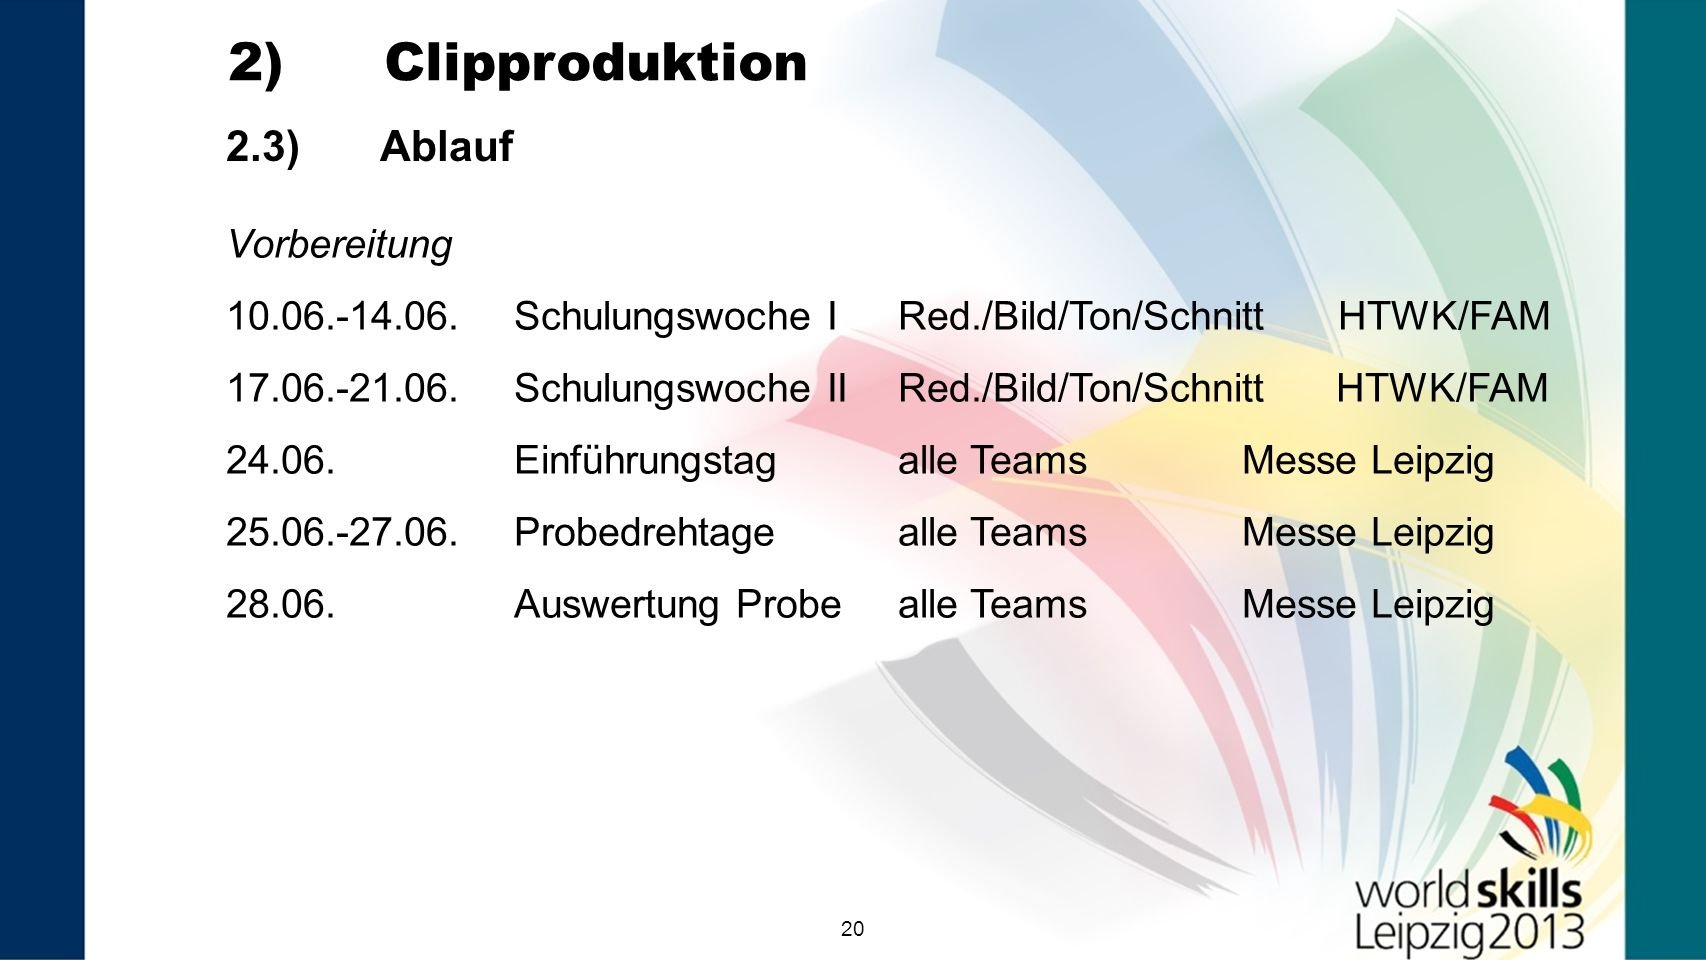 2) Clipproduktion 2.3) Ablauf Vorbereitung